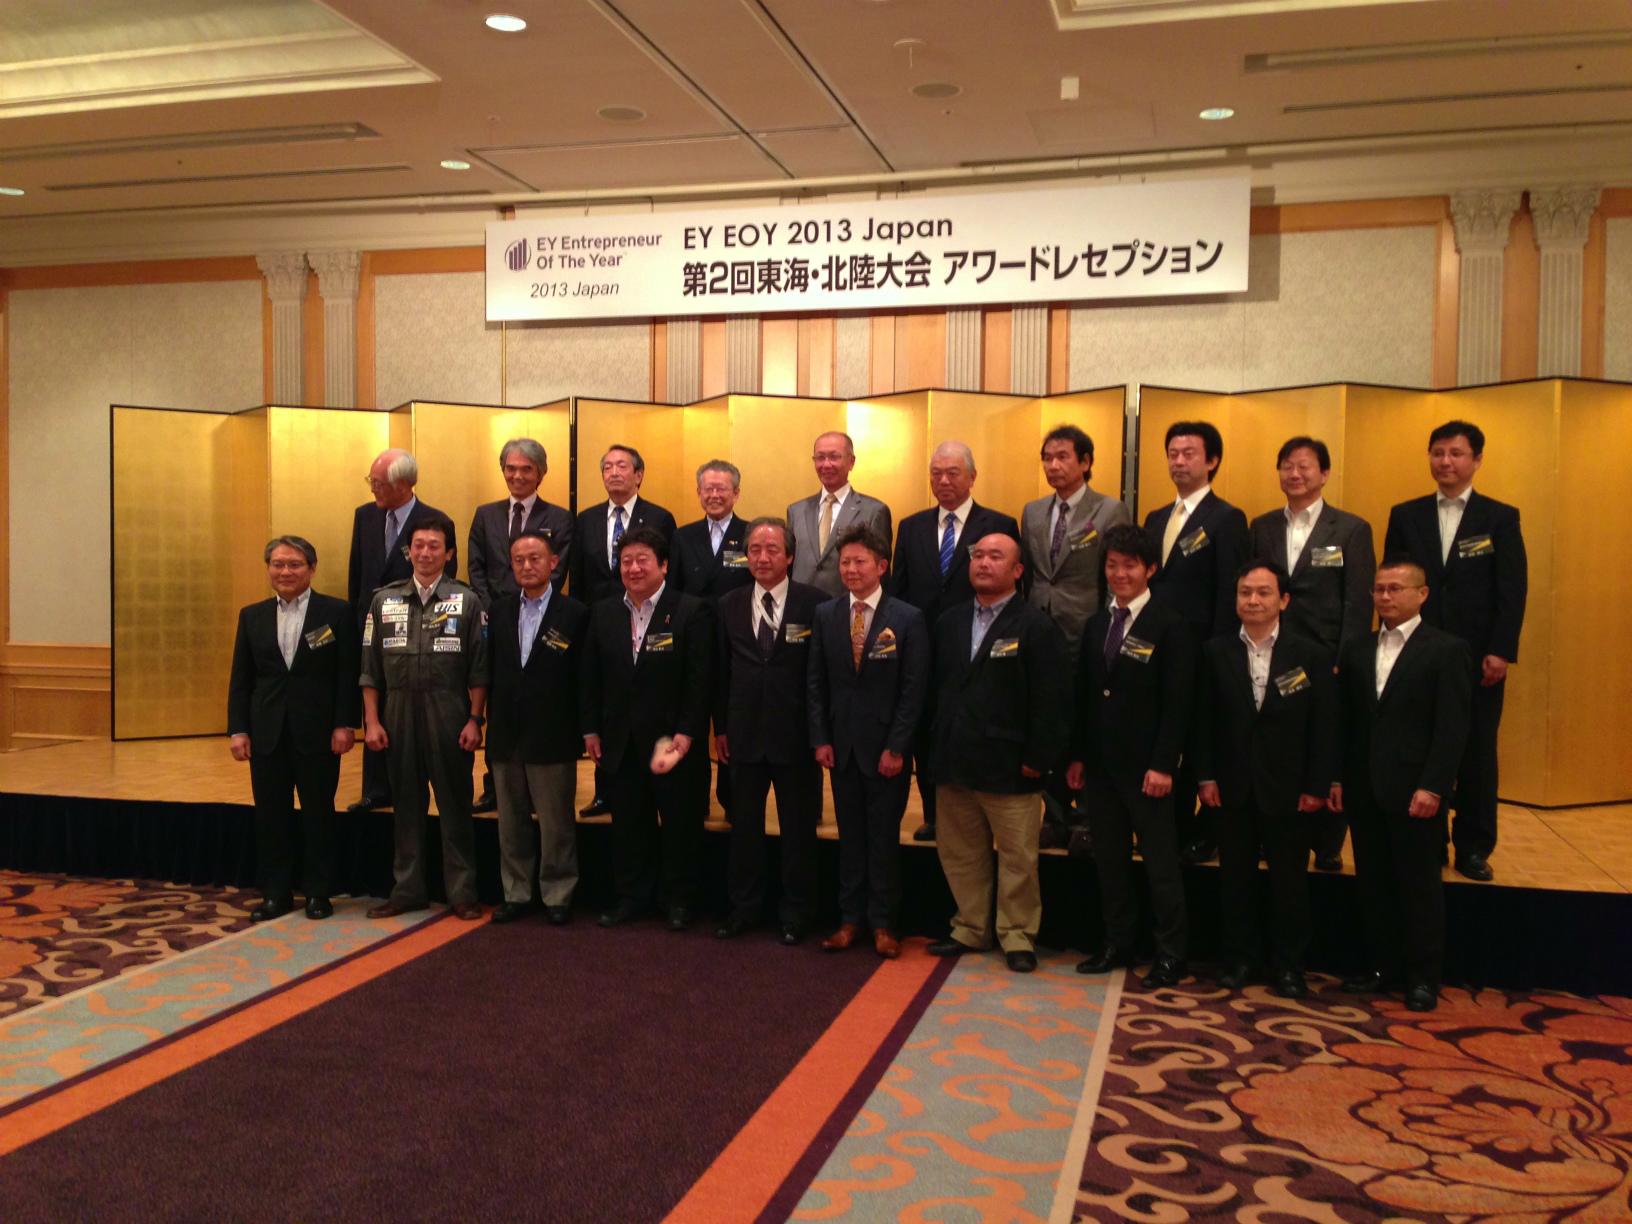 http://www.kaiho.co.jp/jp/news/img/s027.jpg